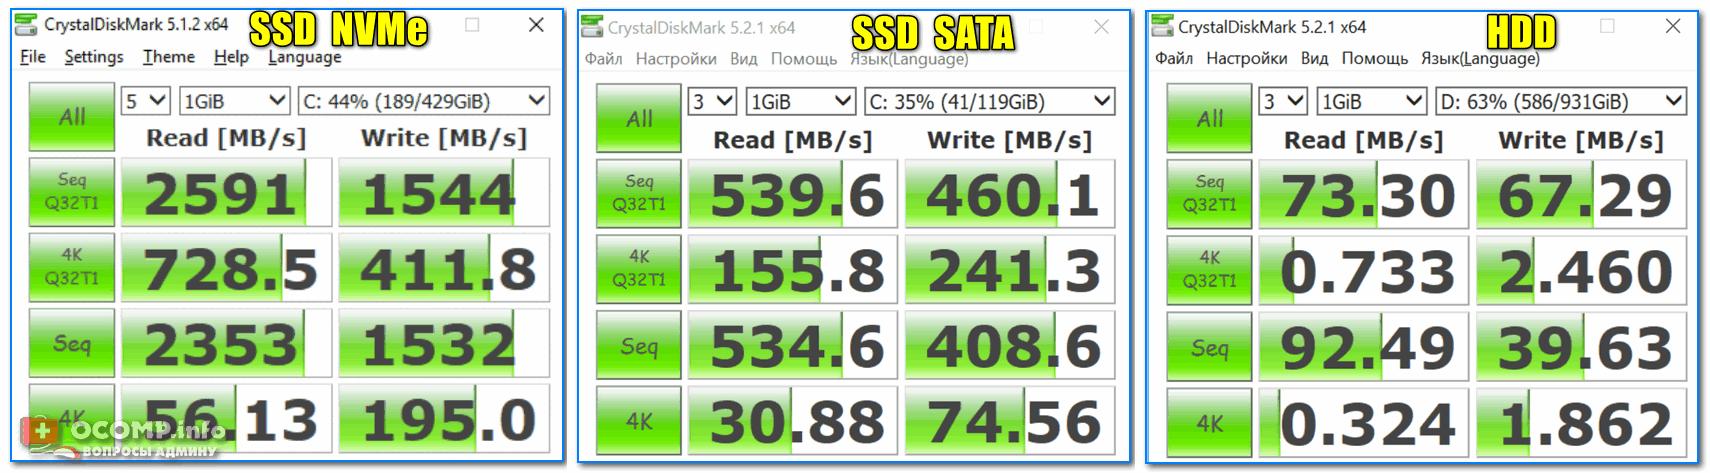 Тест скорости накопителей SSD (NVMe, SATA), HDD | Кликабельно (Crystal DiskMark - утилита для теста)